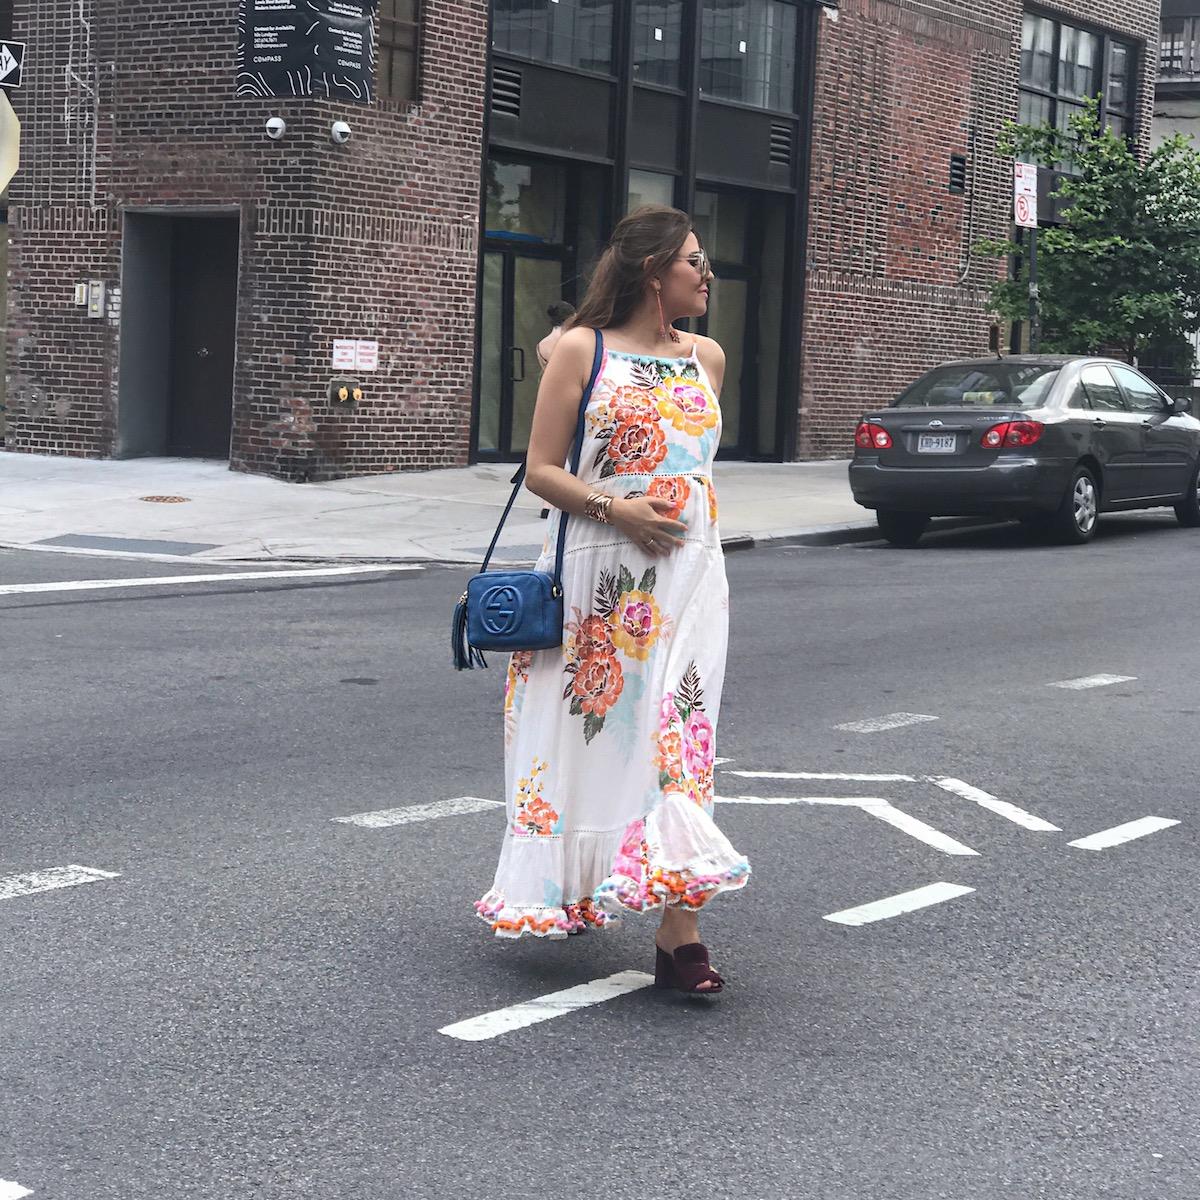 anthropologie-maxi-dresses-pom-pom-dress-for-summer-alley-girl-betul-k-yildiz-new-york-fashion-travel-blogger-6